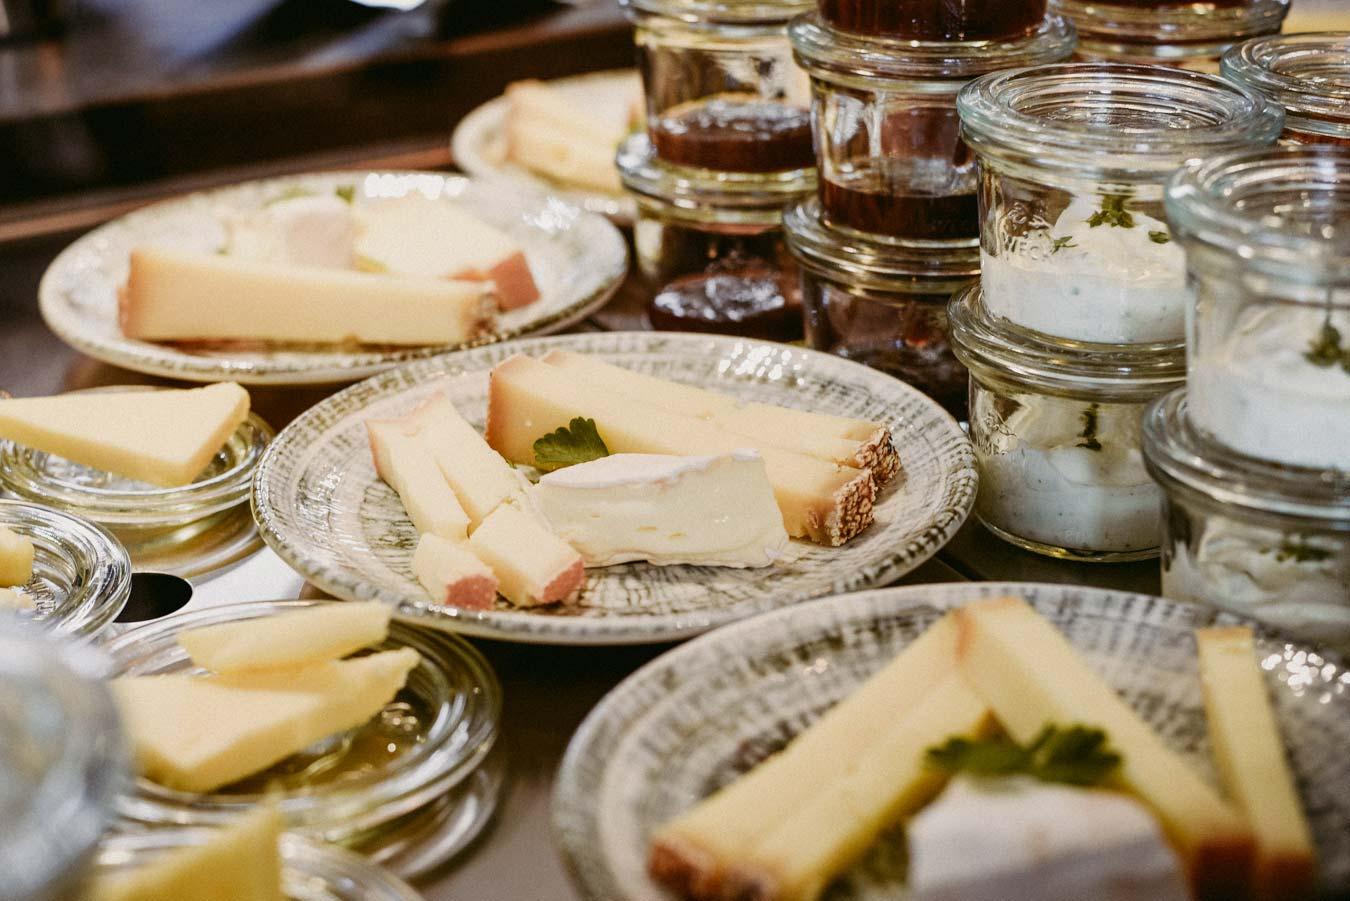 Frühstück im Badhus . Café und Unverpacktladen in Lingenau